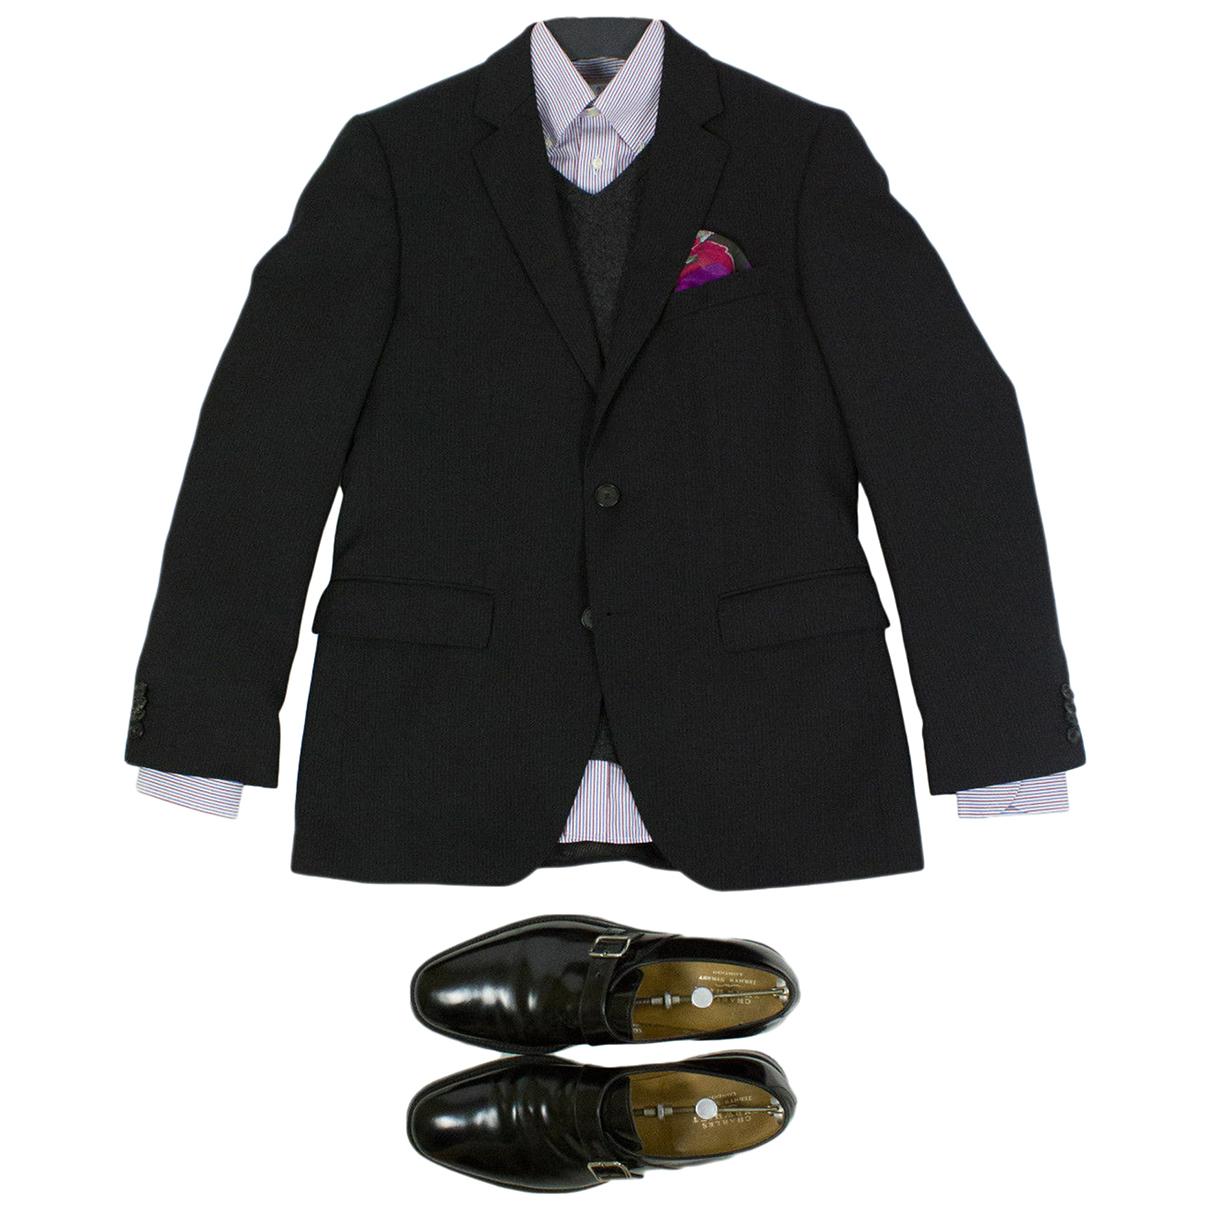 Hugo Boss N Black Wool Suits for Men 36 UK - US